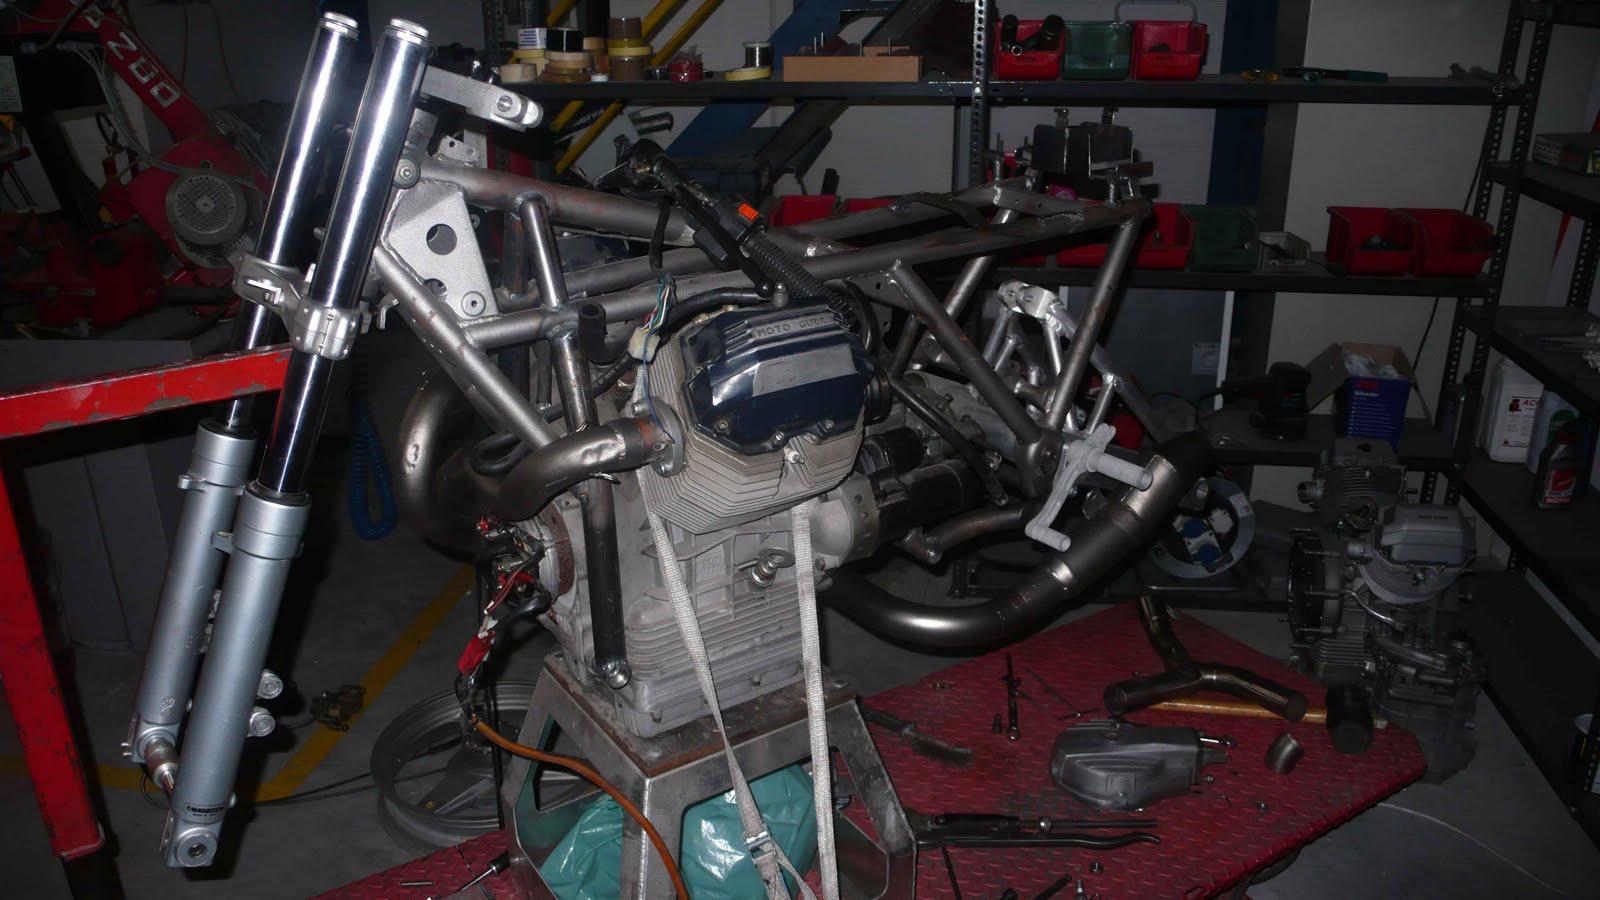 Guzzi SP-R1000de Ram77 (sujet déplacé de Guzzi l'essentiel) Guzzi-2V-endurance-%231